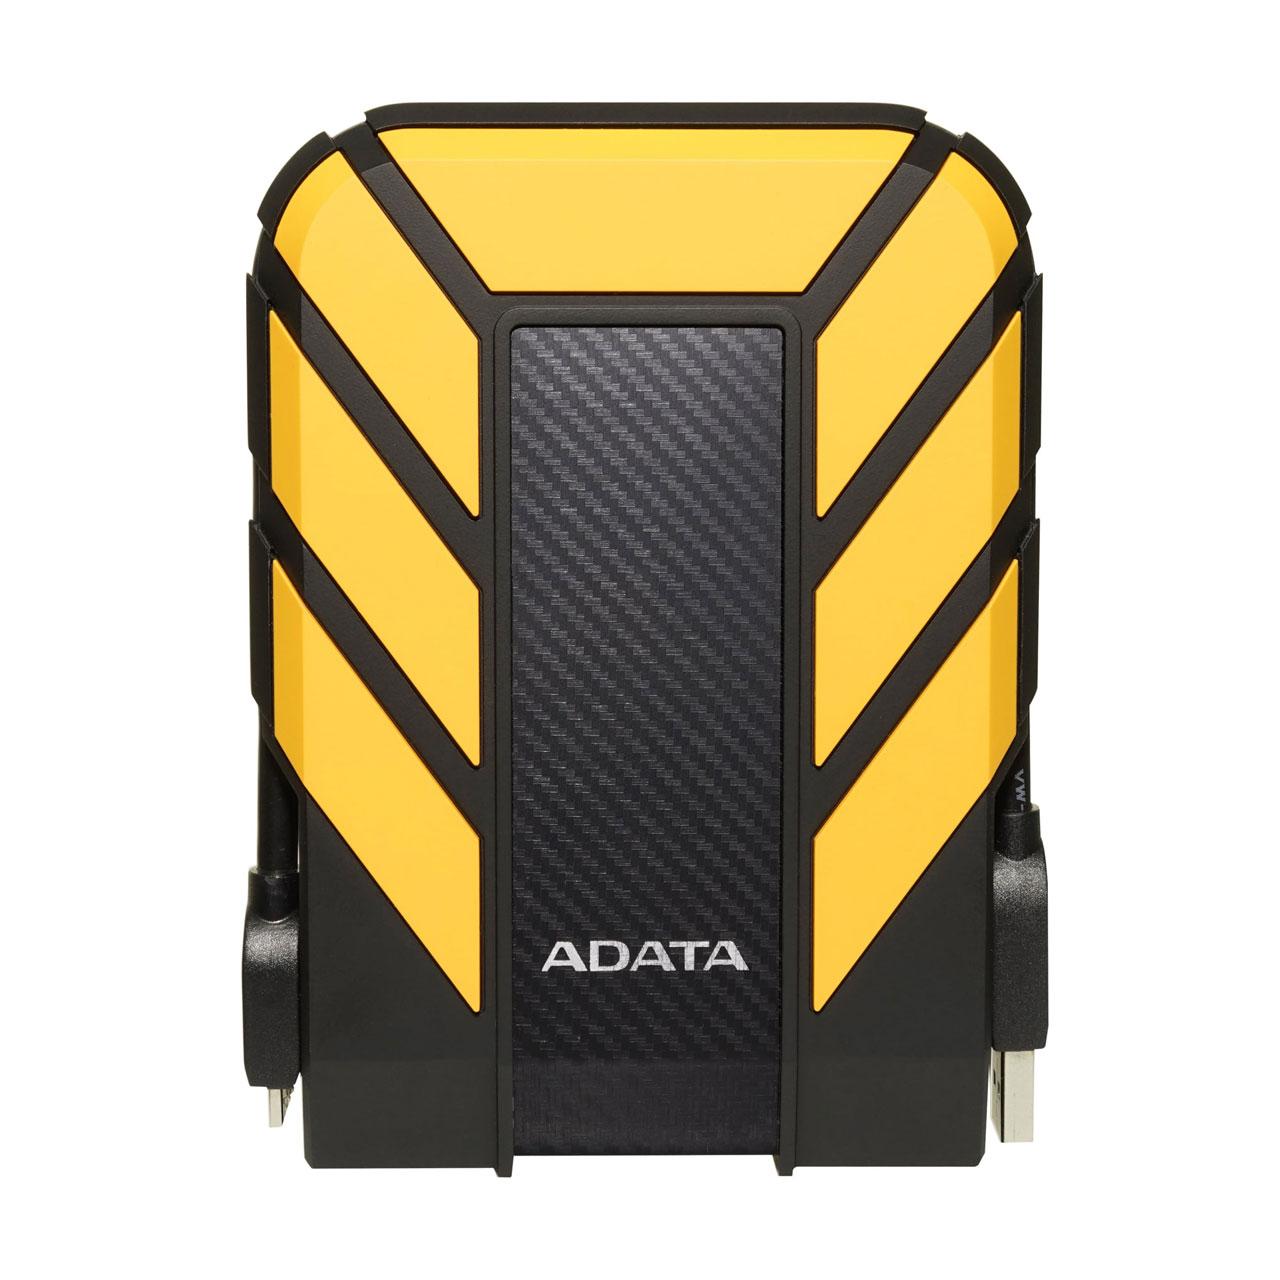 هارد اکسترنال برند ADATA مدل HD710 PRO ظرفیت 1TB